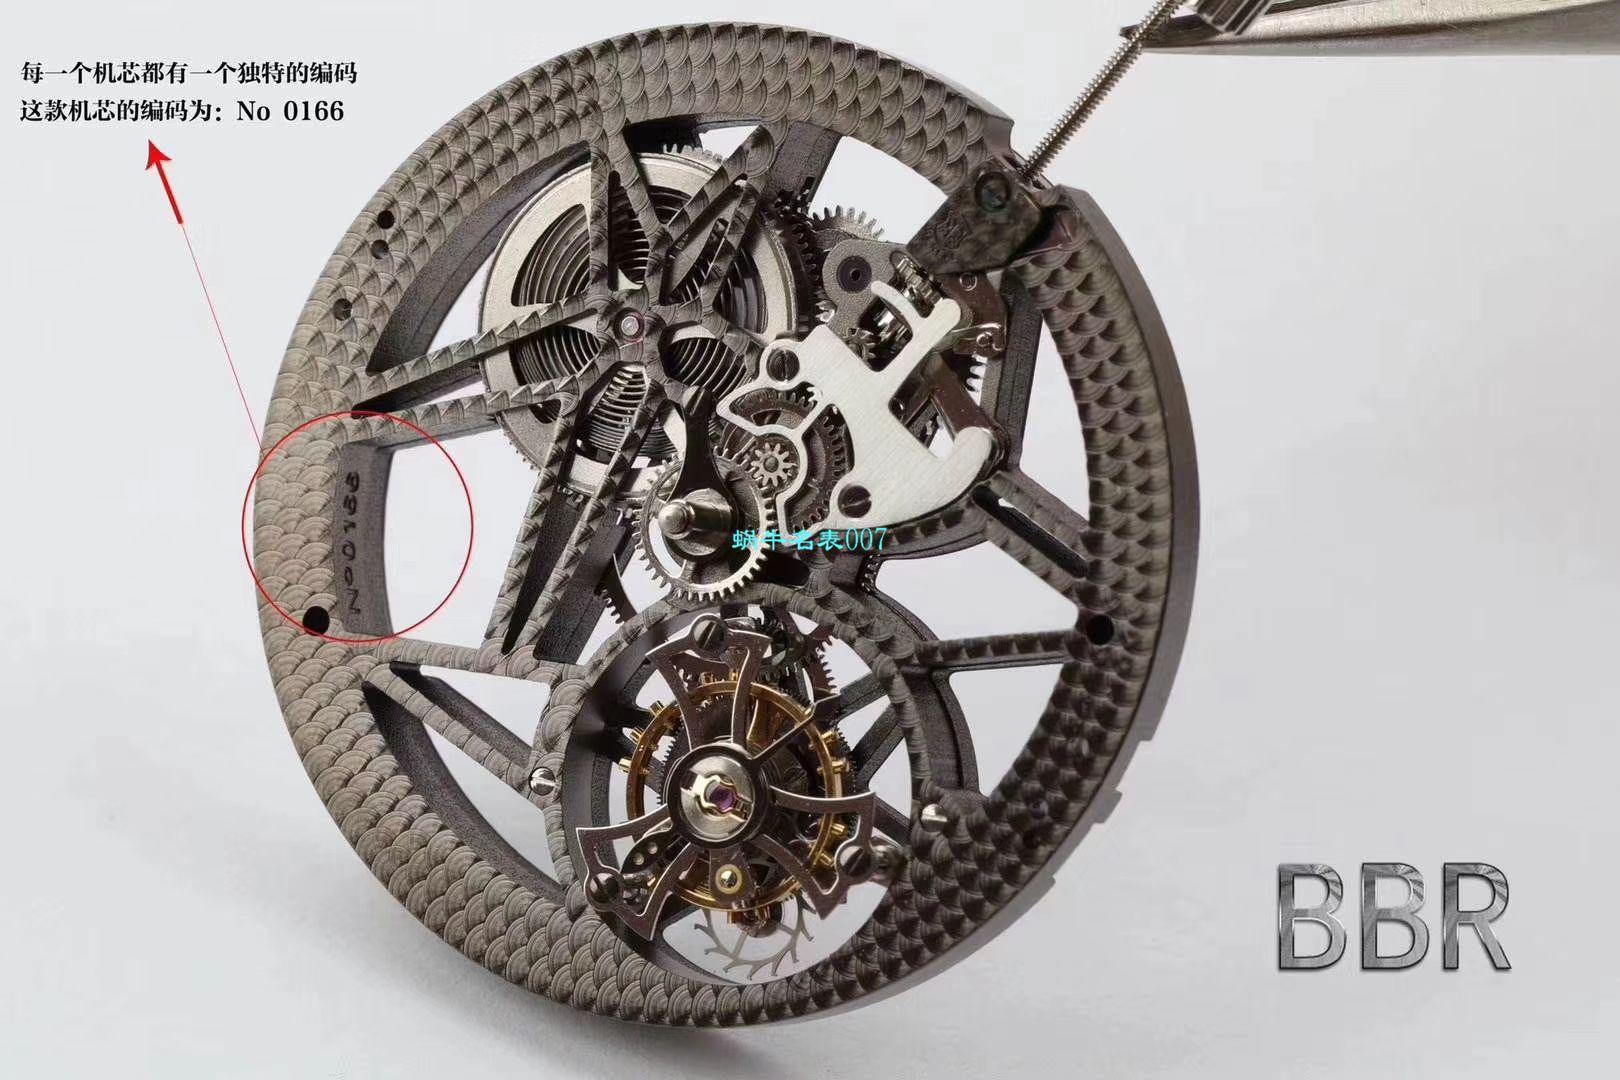 BBR厂V3全新升级版本罗杰杜彼ROGER DUBUIS王者系列陀飞轮RDDBEX0393、RDDBEX0392腕表 / LJ062